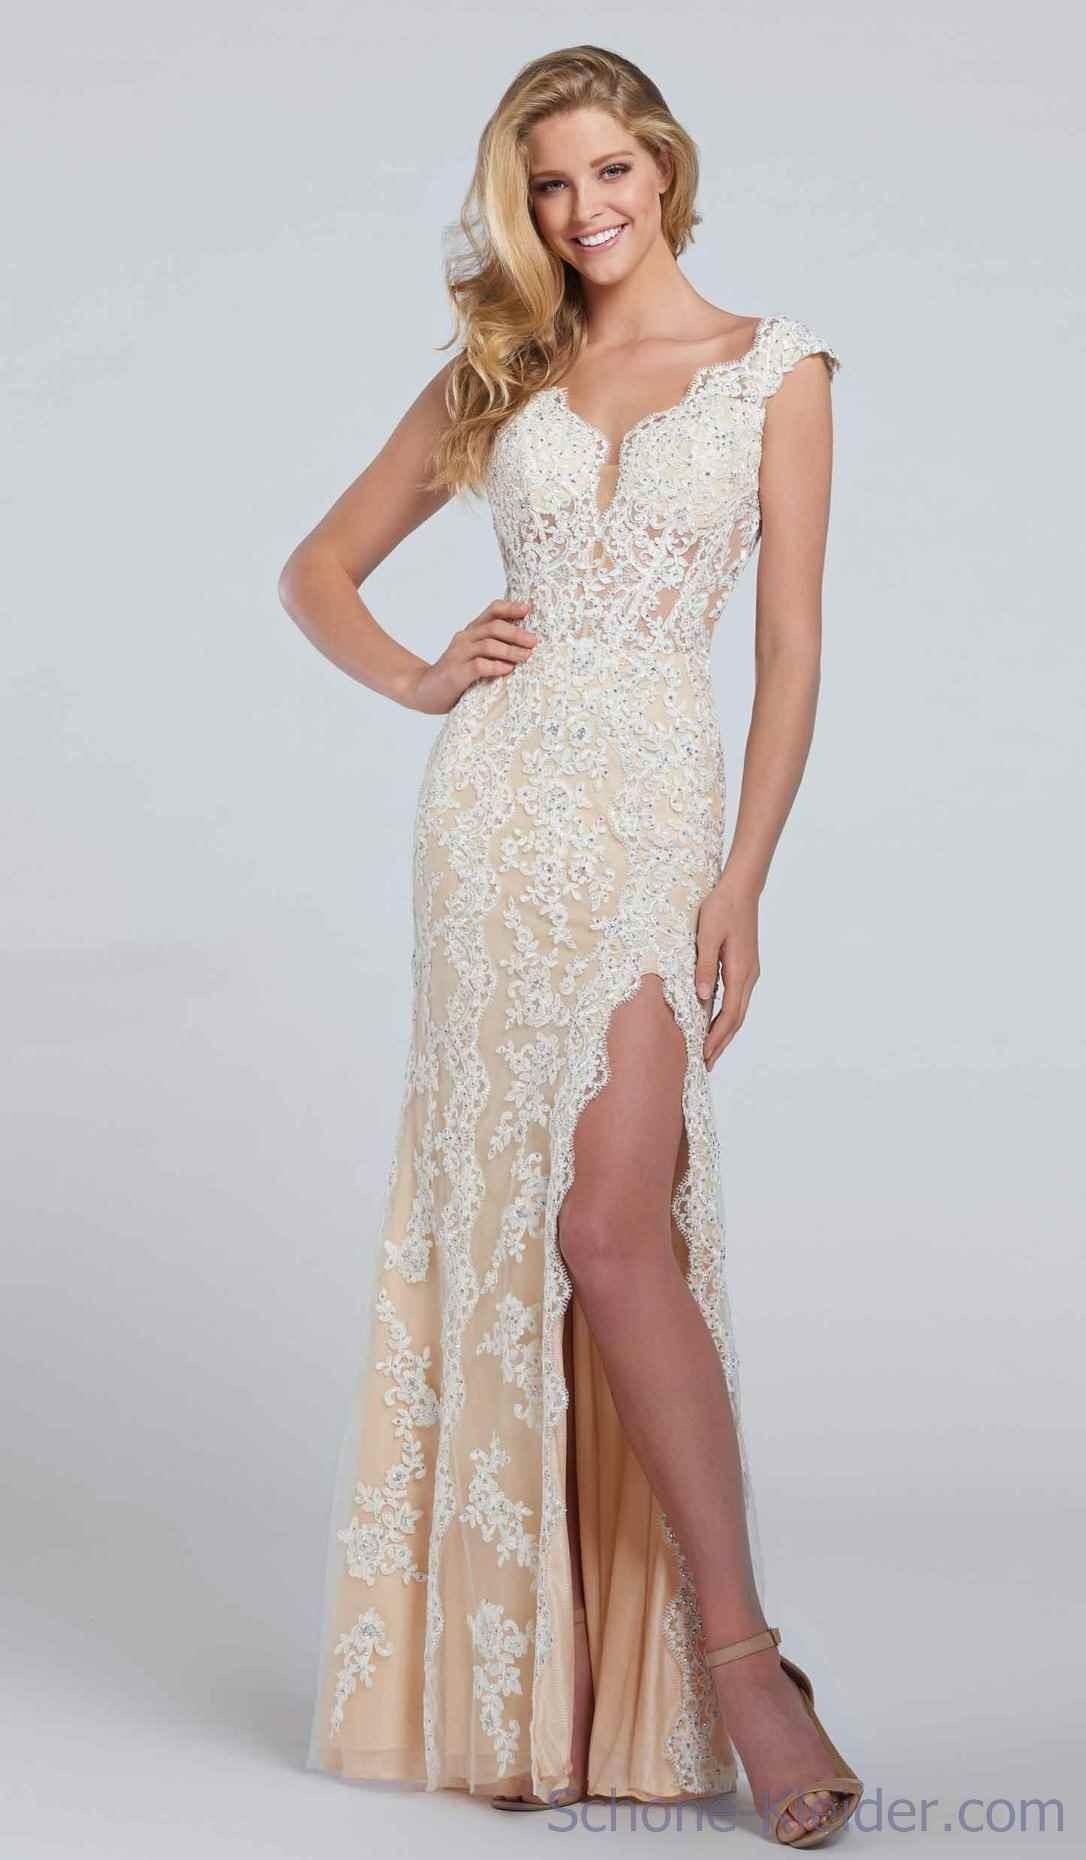 Formal Einfach Kleid Lang Mit Spitze Spezialgebiet10 Wunderbar Kleid Lang Mit Spitze Bester Preis